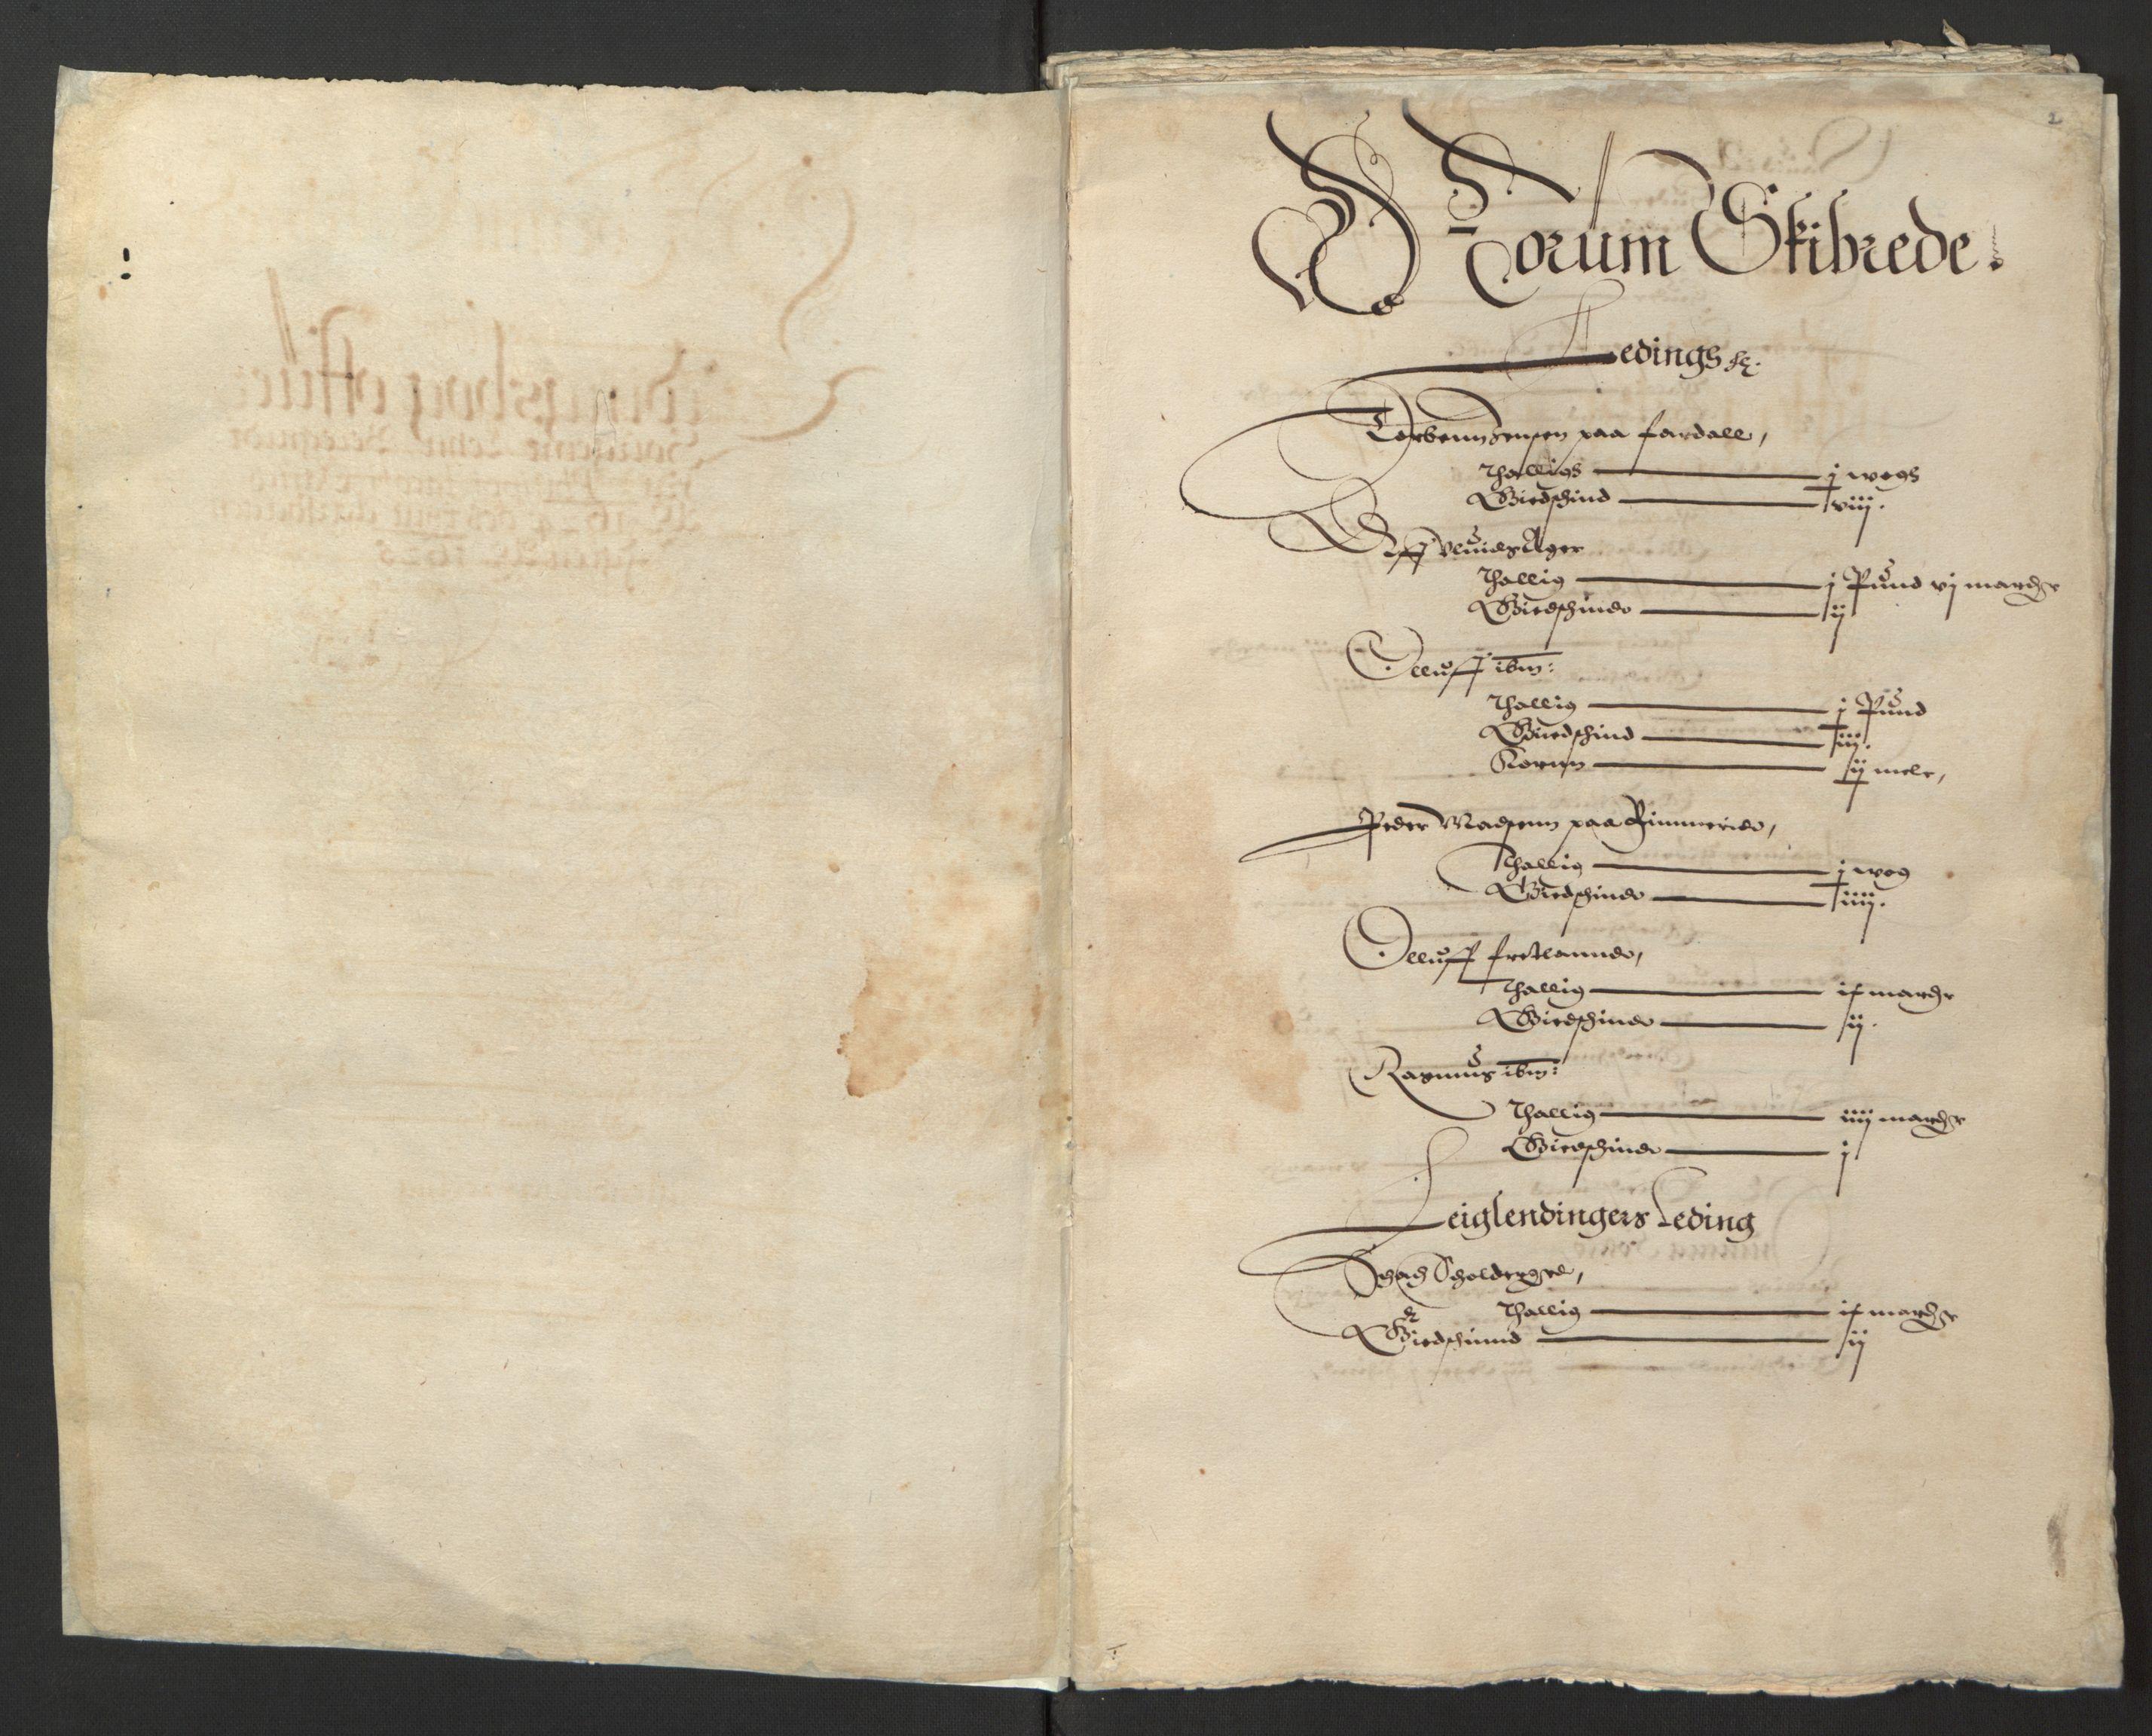 RA, Stattholderembetet 1572-1771, Ek/L0003: Jordebøker til utlikning av garnisonsskatt 1624-1626:, 1624-1625, s. 117